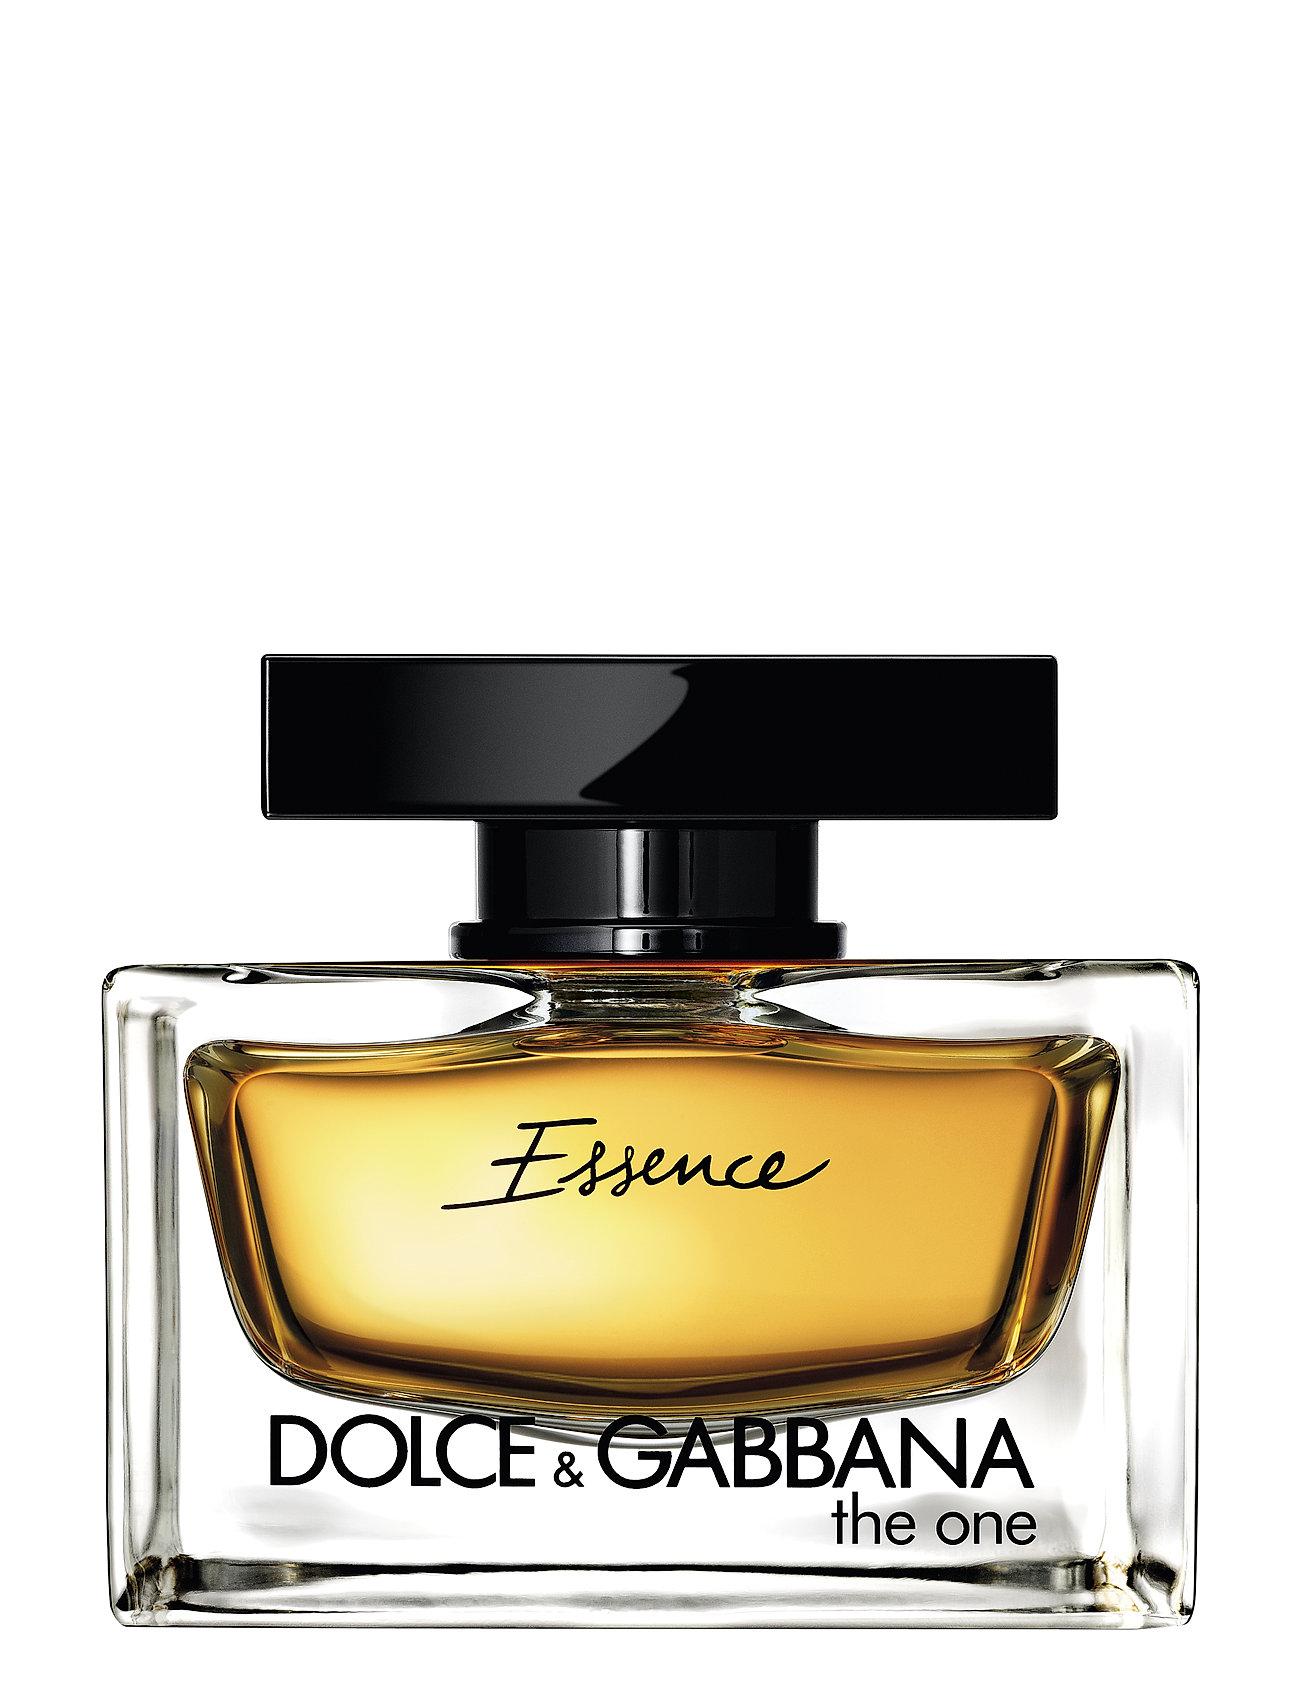 Image of The Essence Eau D Parfume Eau De Parfum Nude Dolce & Gabbana (3046210257)